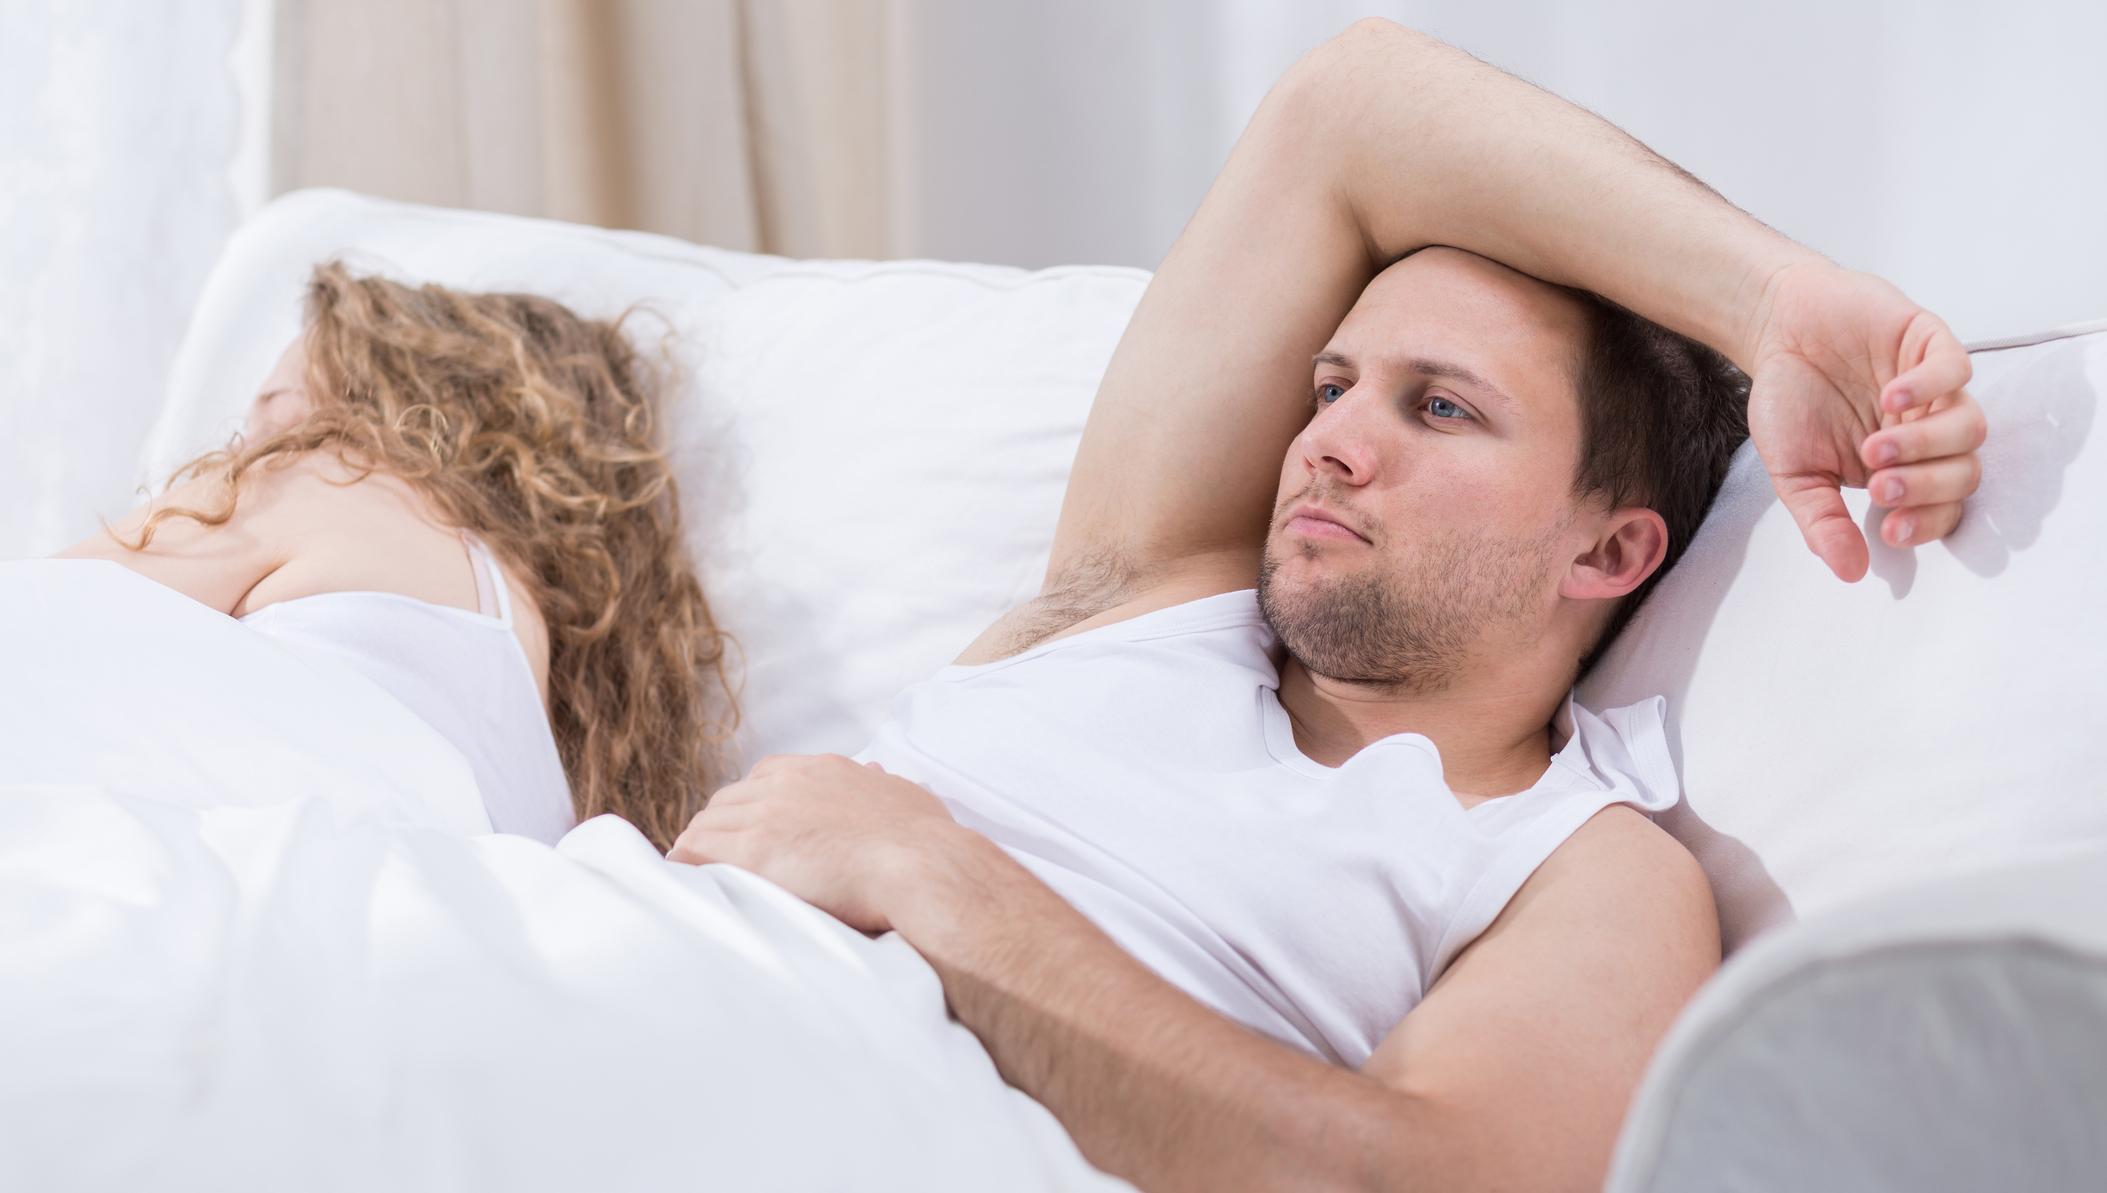 La ciencia en la alcoba - ¿Puede un hombre tener problemas para alcanzar el  orgasmo? - 21/09/16 - RTVE.es